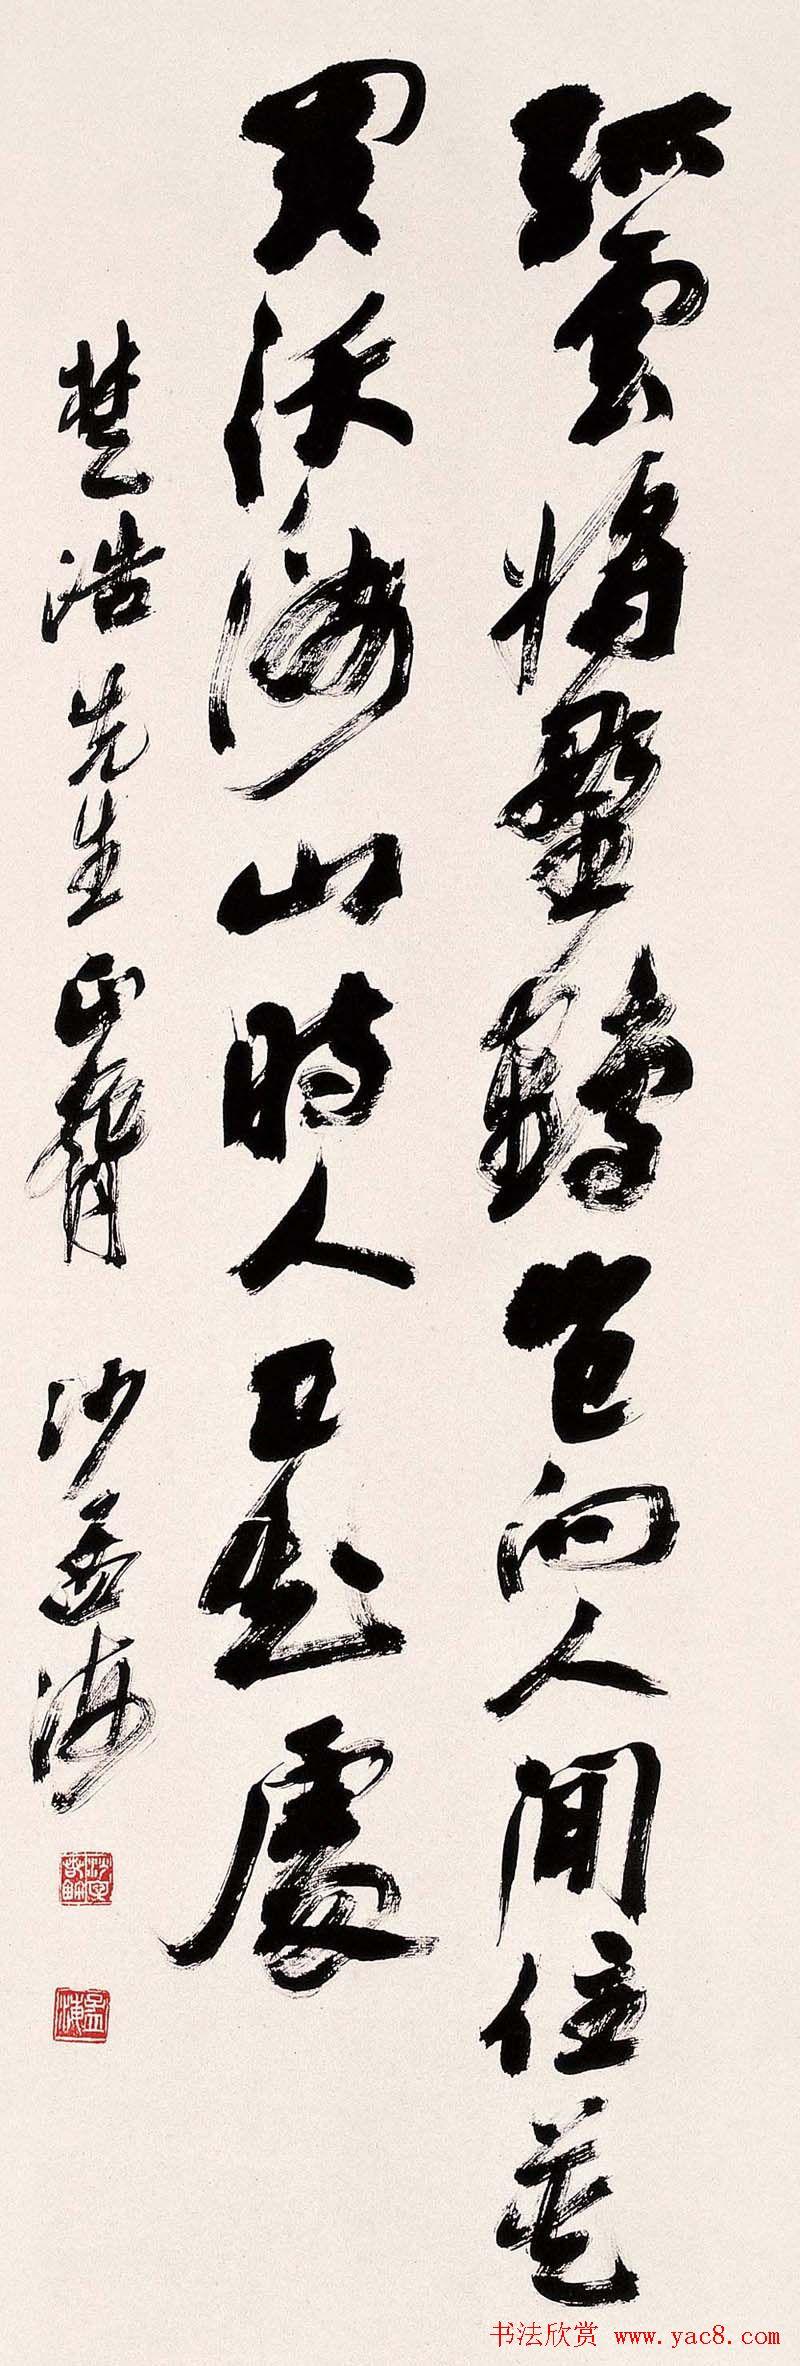 书坛泰斗沙孟海书法艺术展高清大图